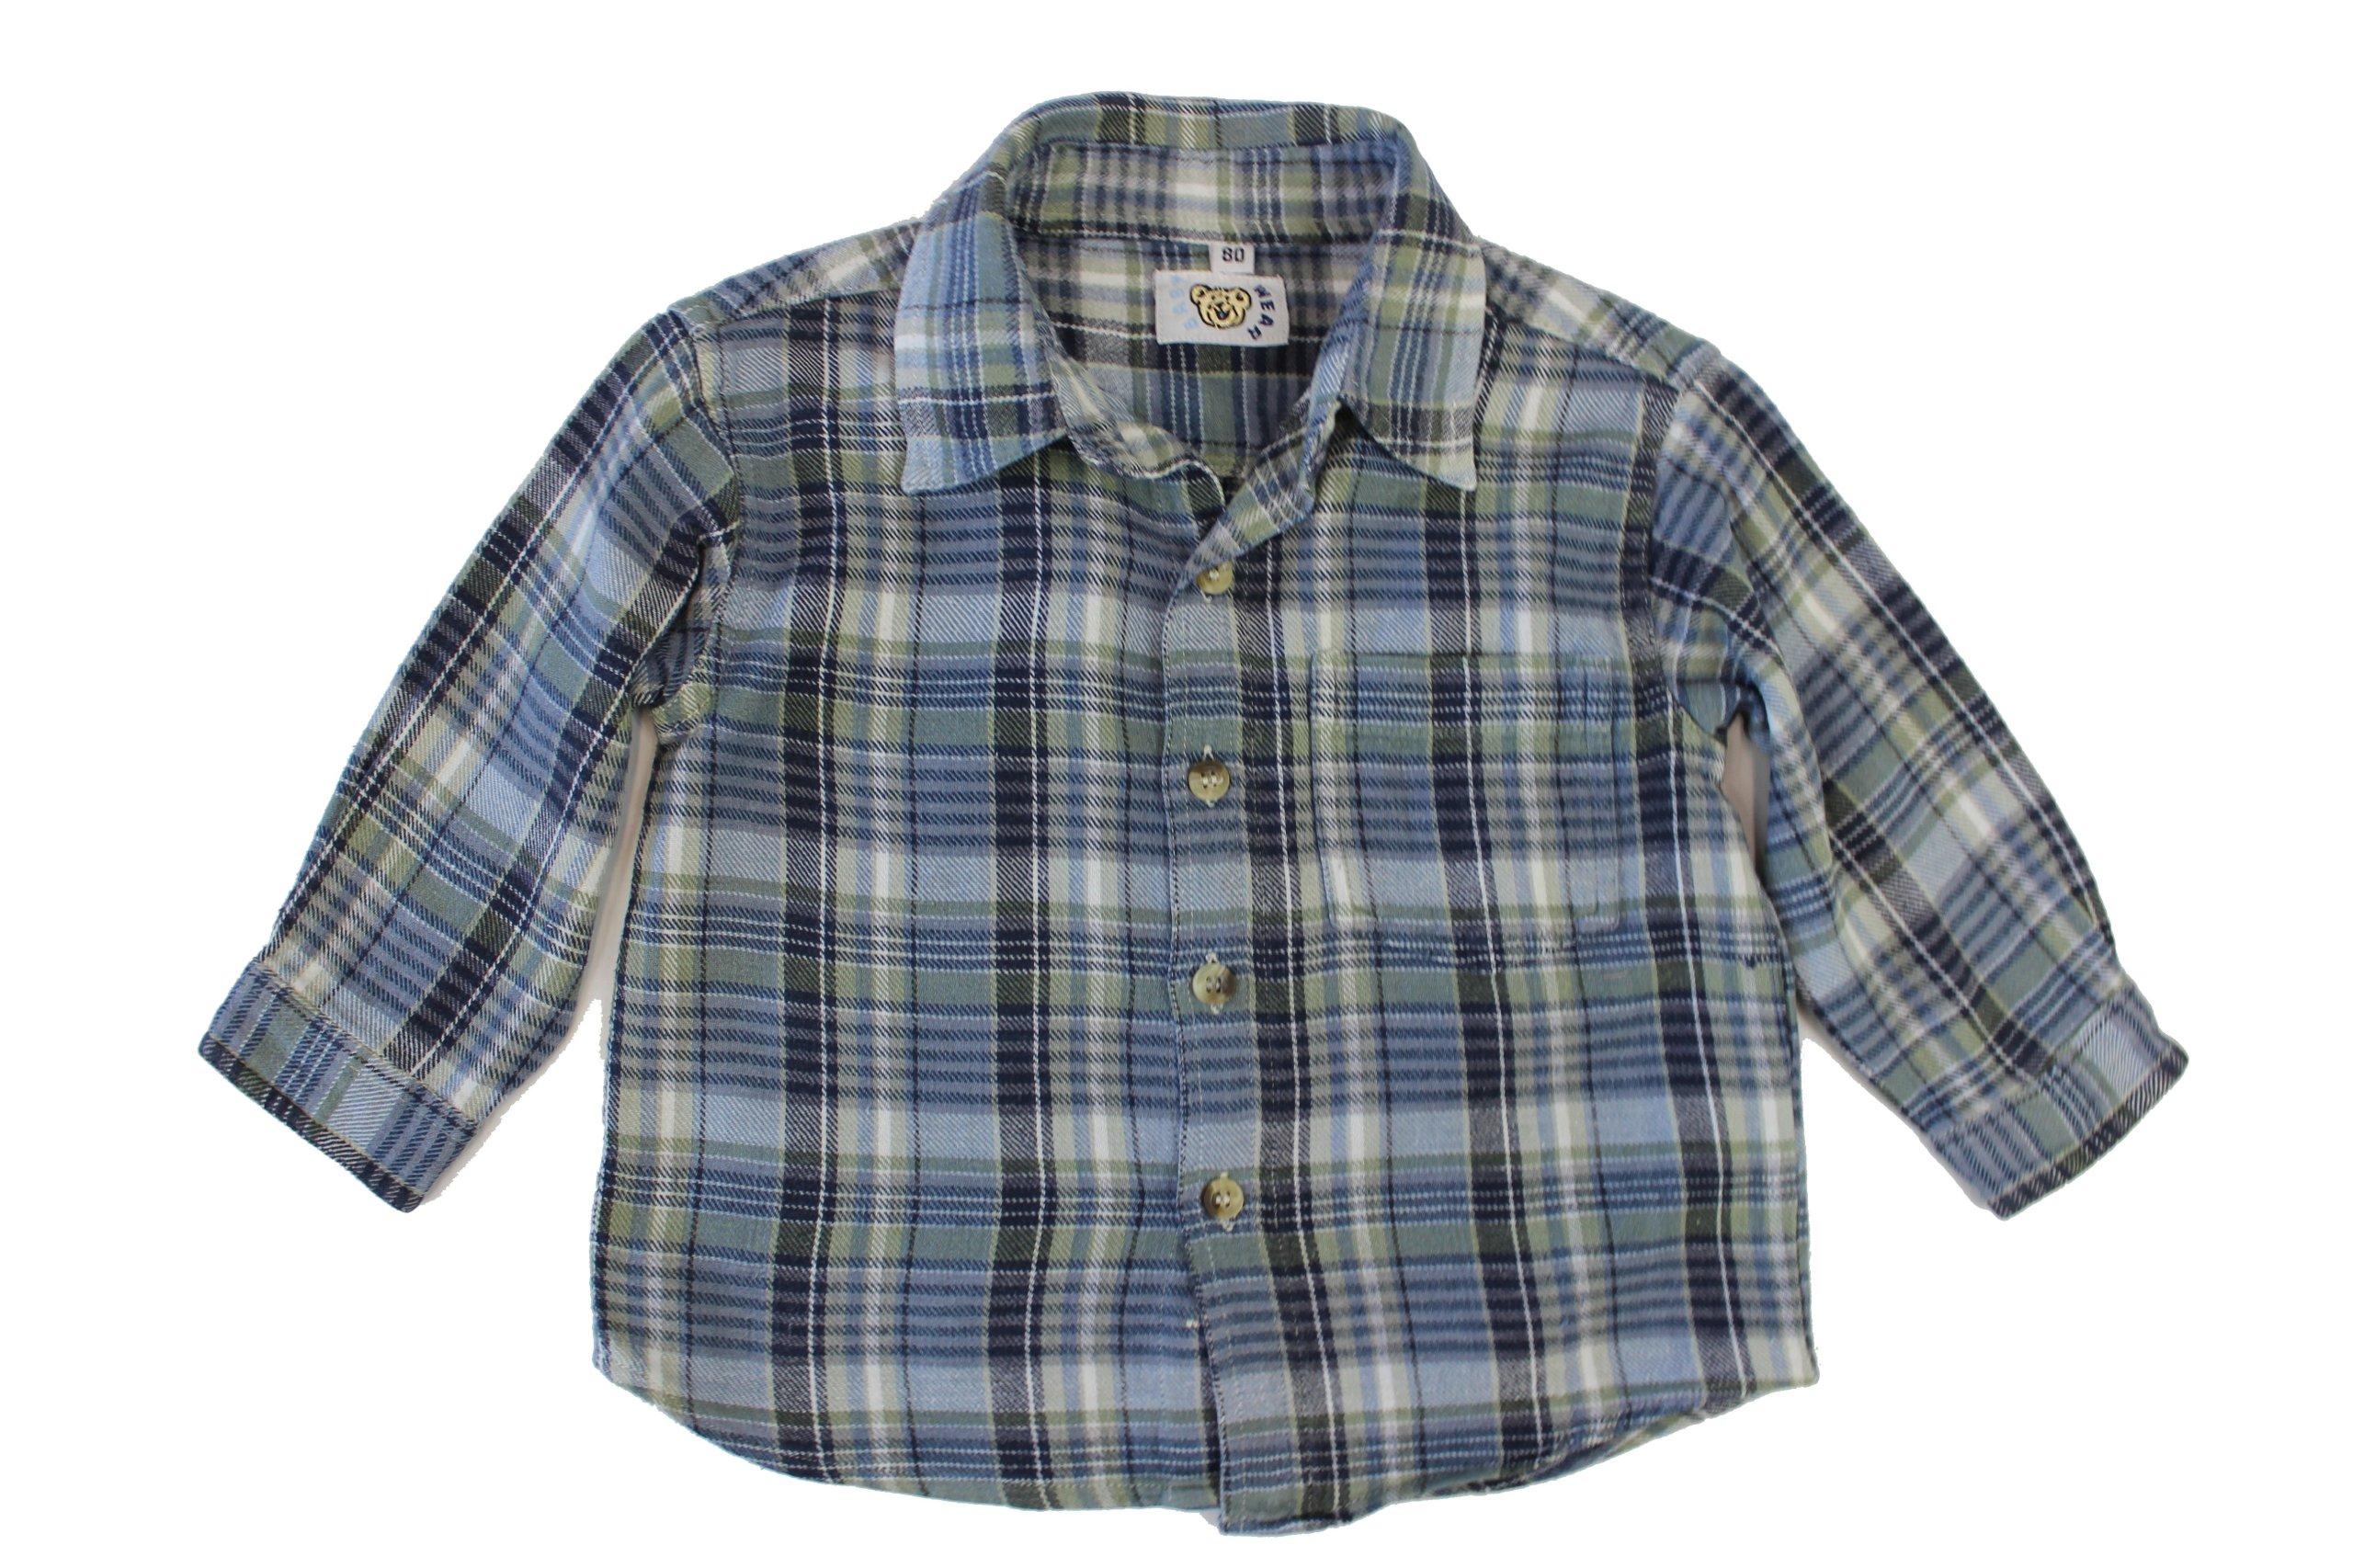 e0c29ceab6a597 koszula flanelowa rozmiar xl w Oficjalnym Archiwum Allegro - Strona 92 - archiwum  ofert